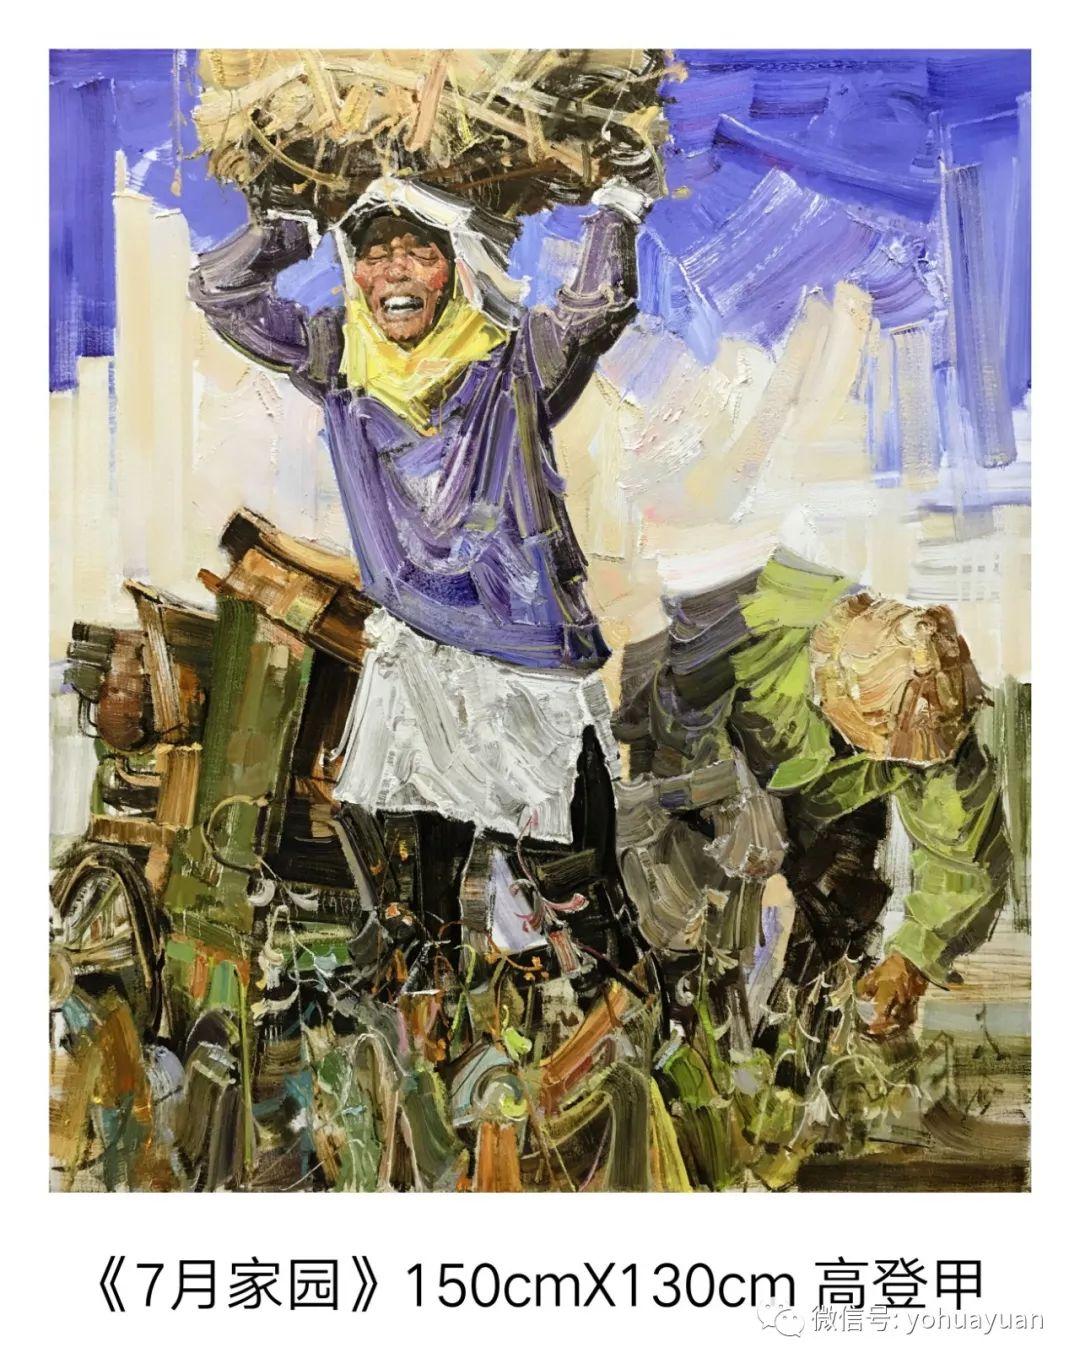 油画作品拍卖(内蒙古草原写生) 第80张 油画作品拍卖(内蒙古草原写生) 蒙古画廊